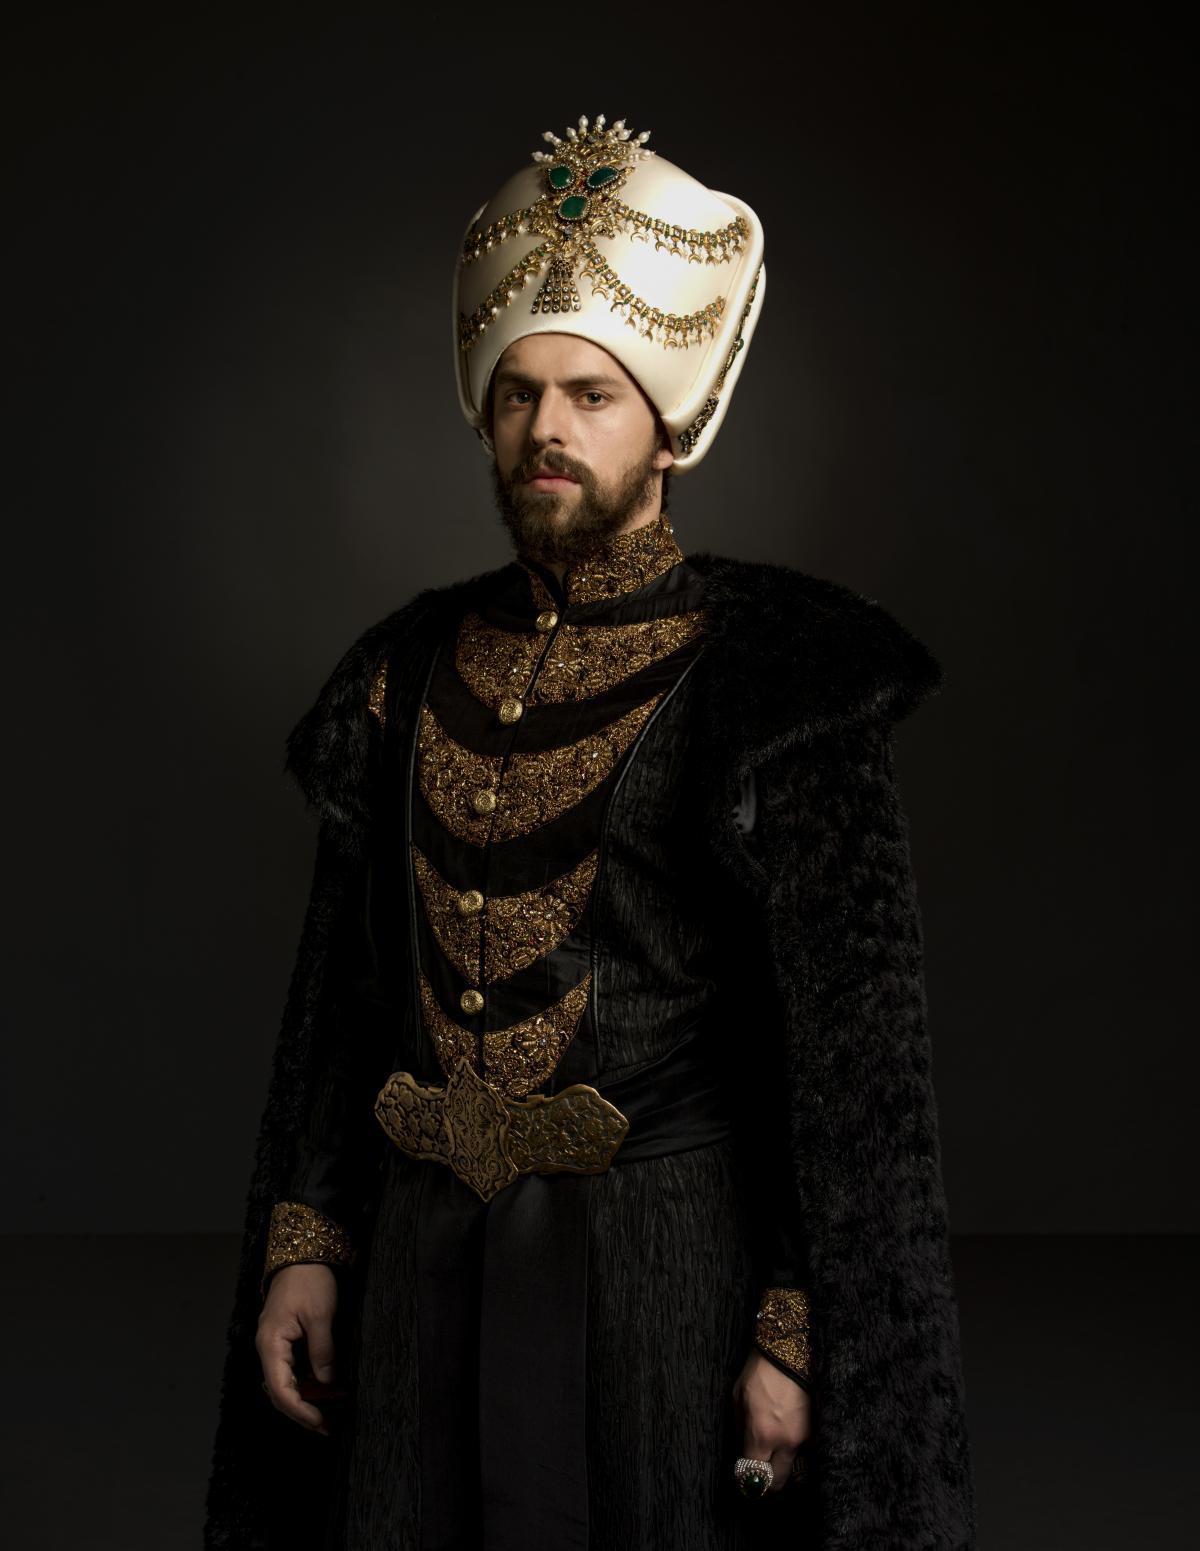 Sultan Murad (ВЕЛИКОЛЕПНЫЙ ВЕК. КЁСЕМ - 2 СЕЗОН).jpg